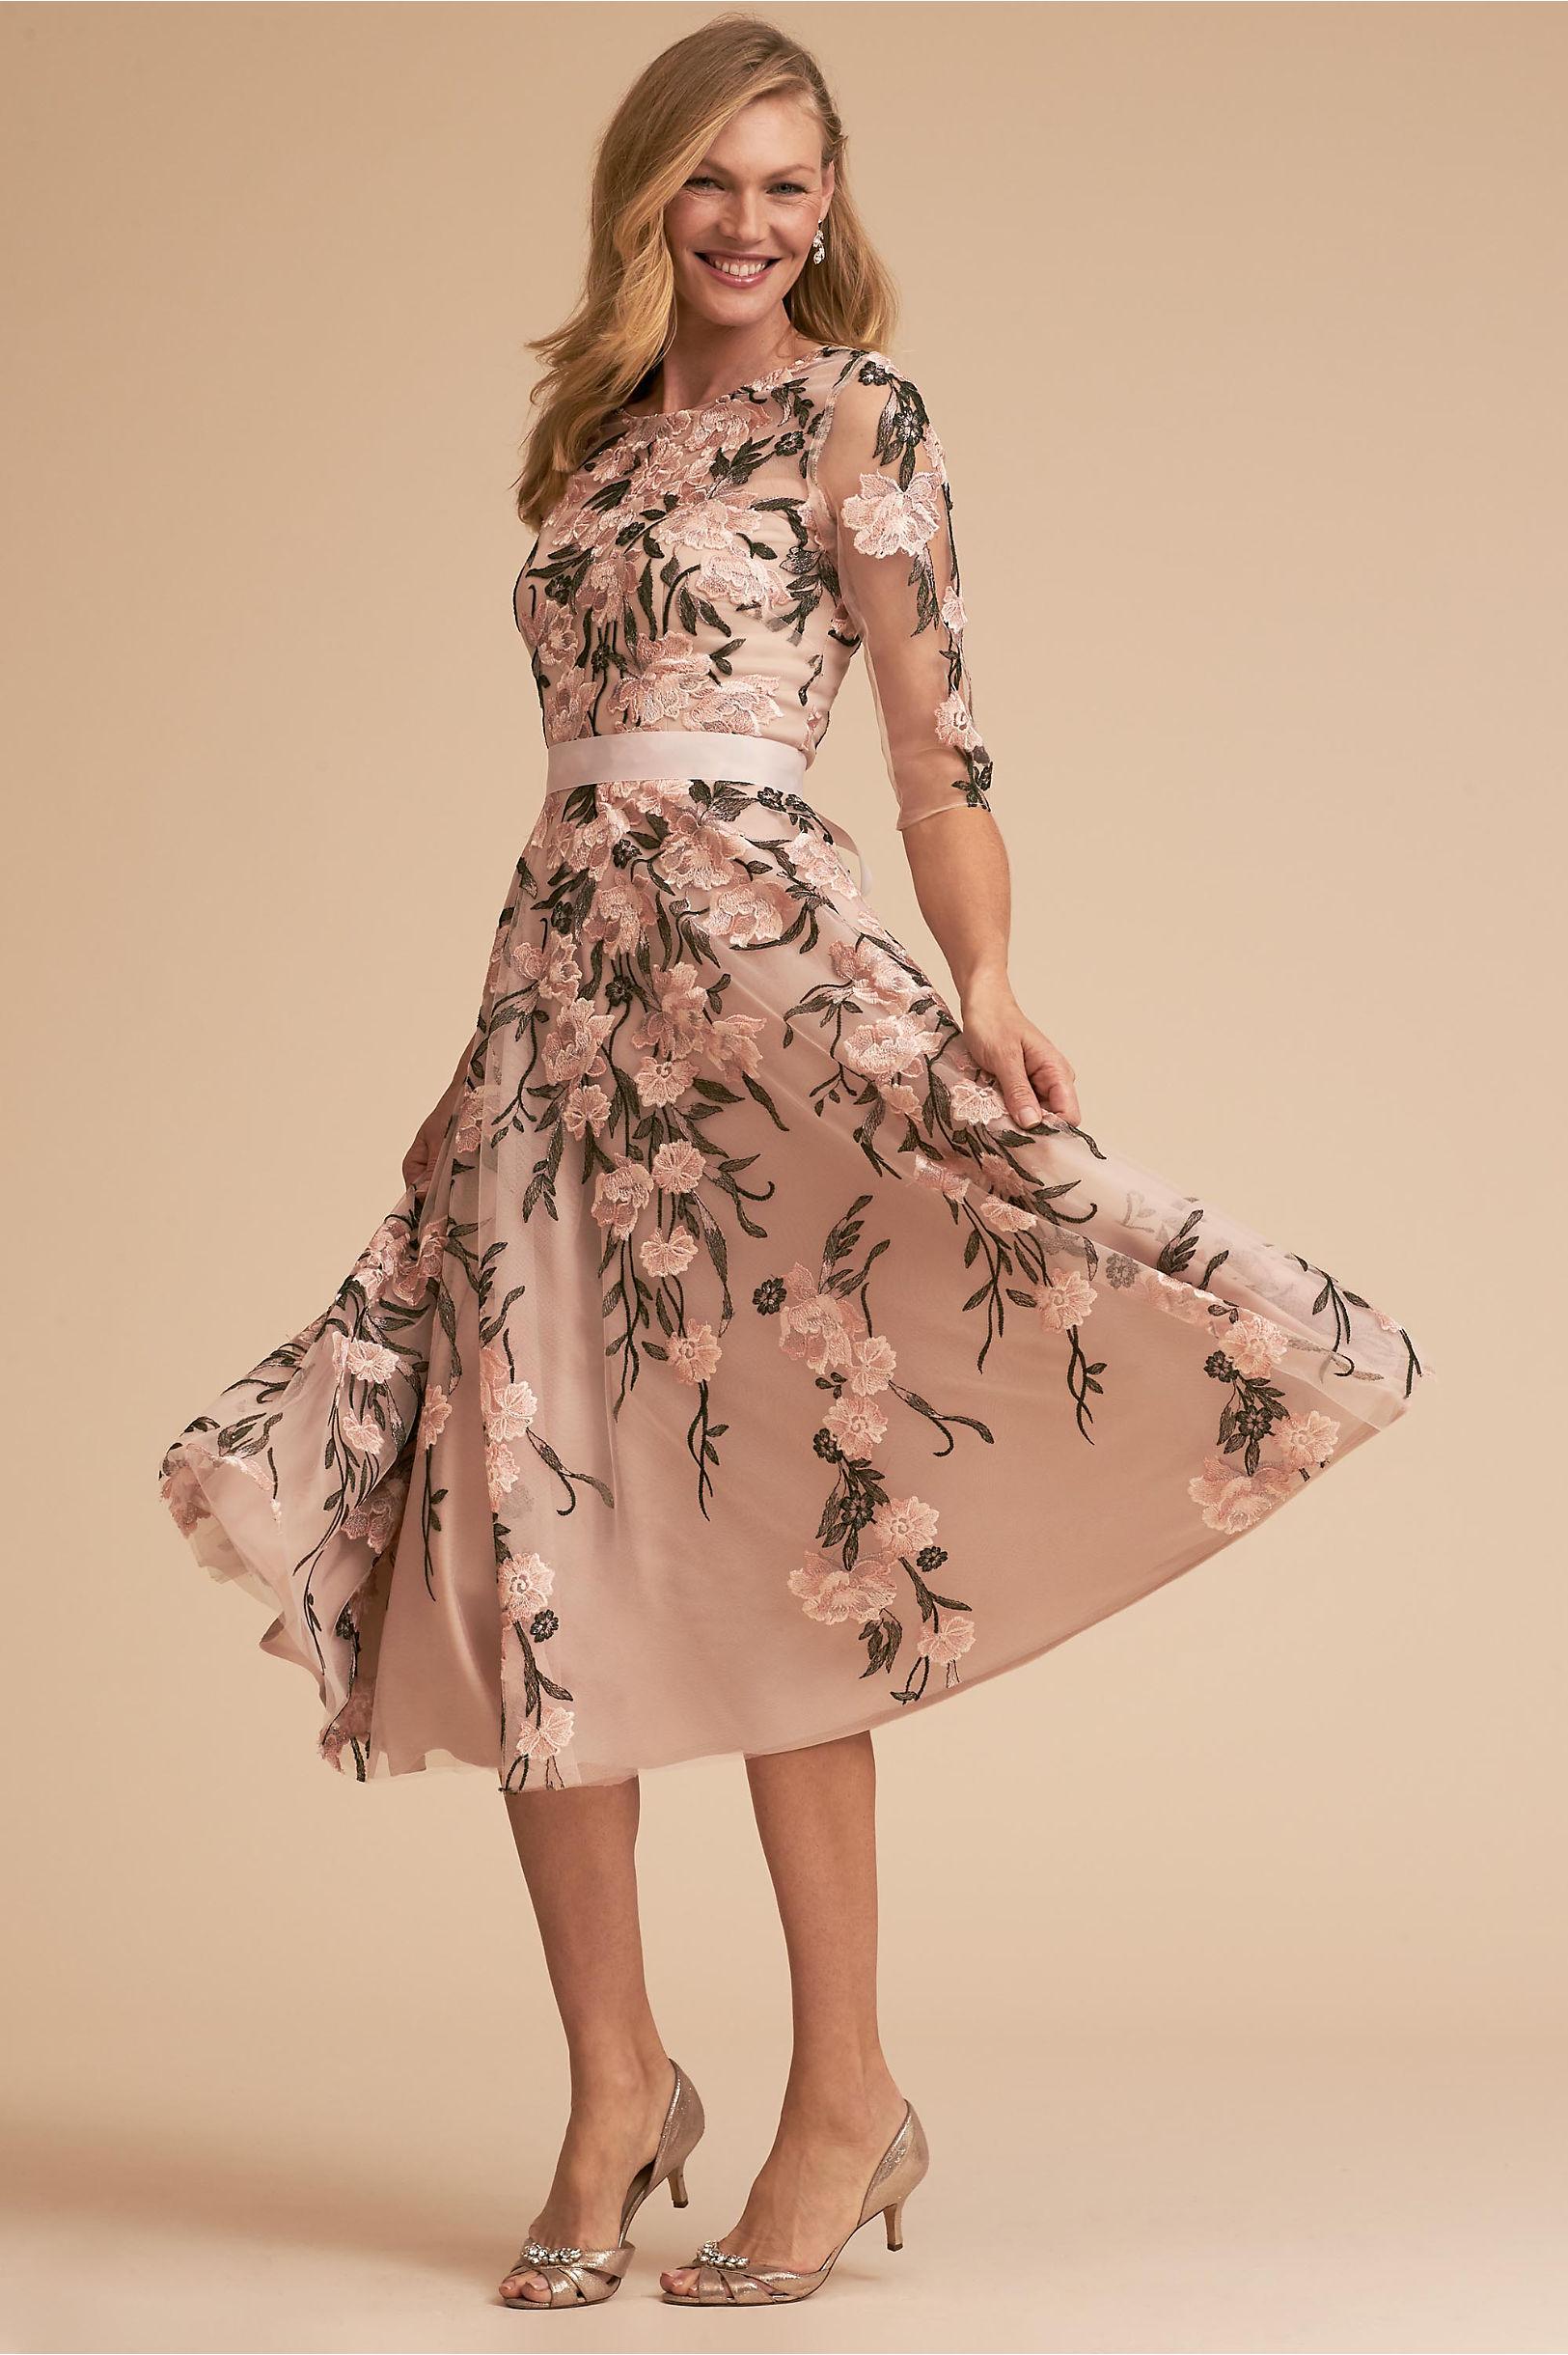 Vintage Evening Dresses and Formal Evening Gowns Linden Dress  AT vintagedancer.com